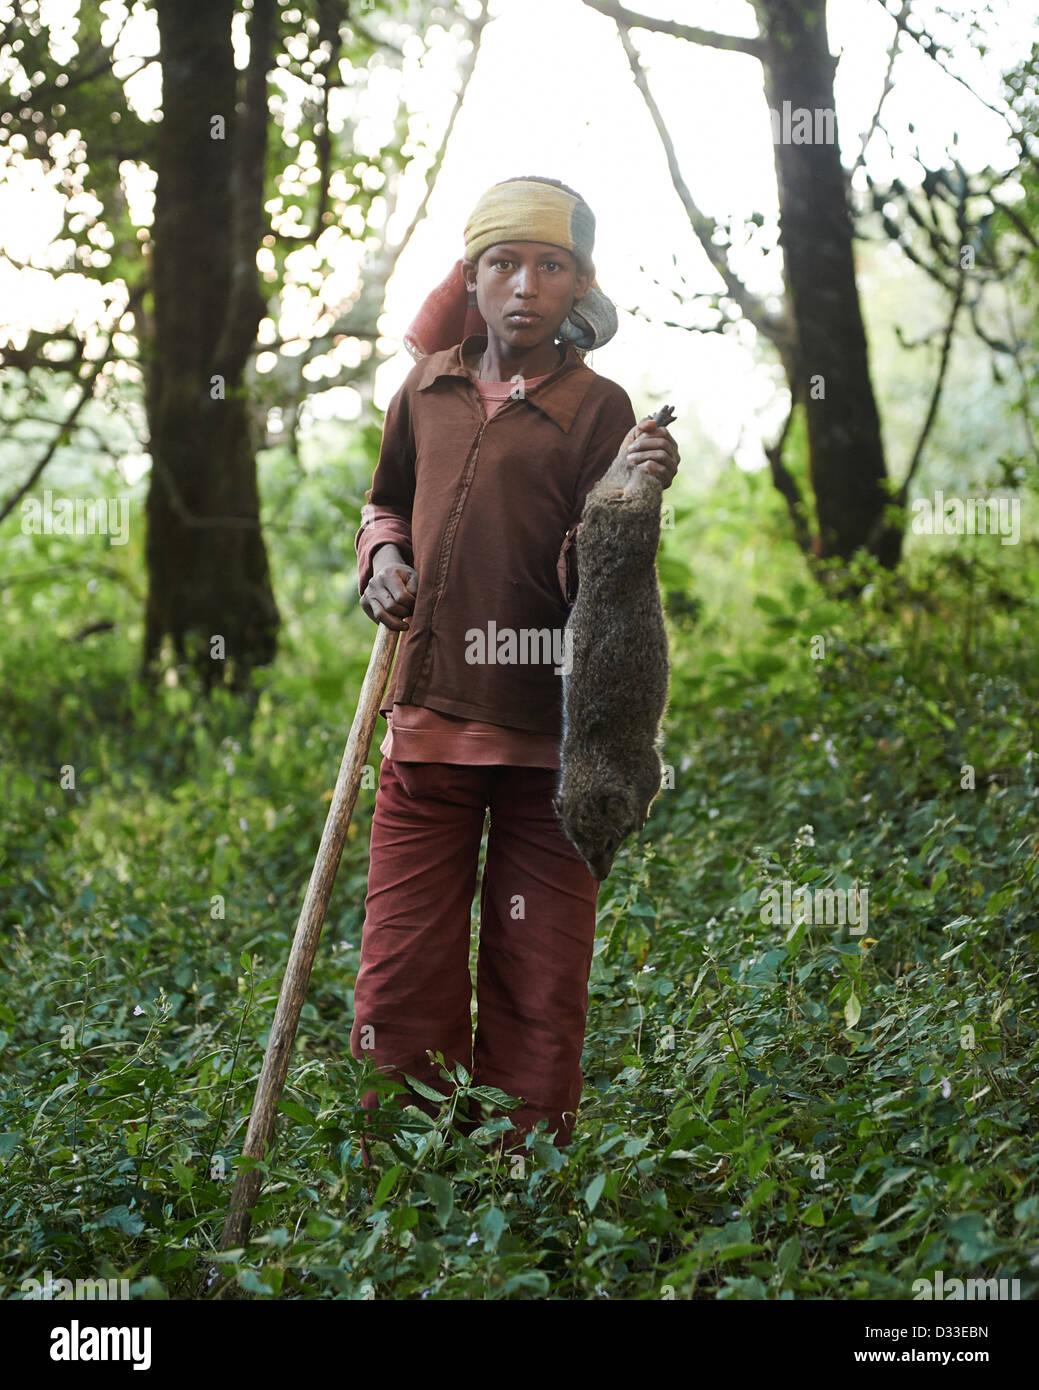 Ein kleiner Junge hält ein neu geschlachteten Ashkoko, ein Tier ähnlich dem eines Kaninchens Stockbild